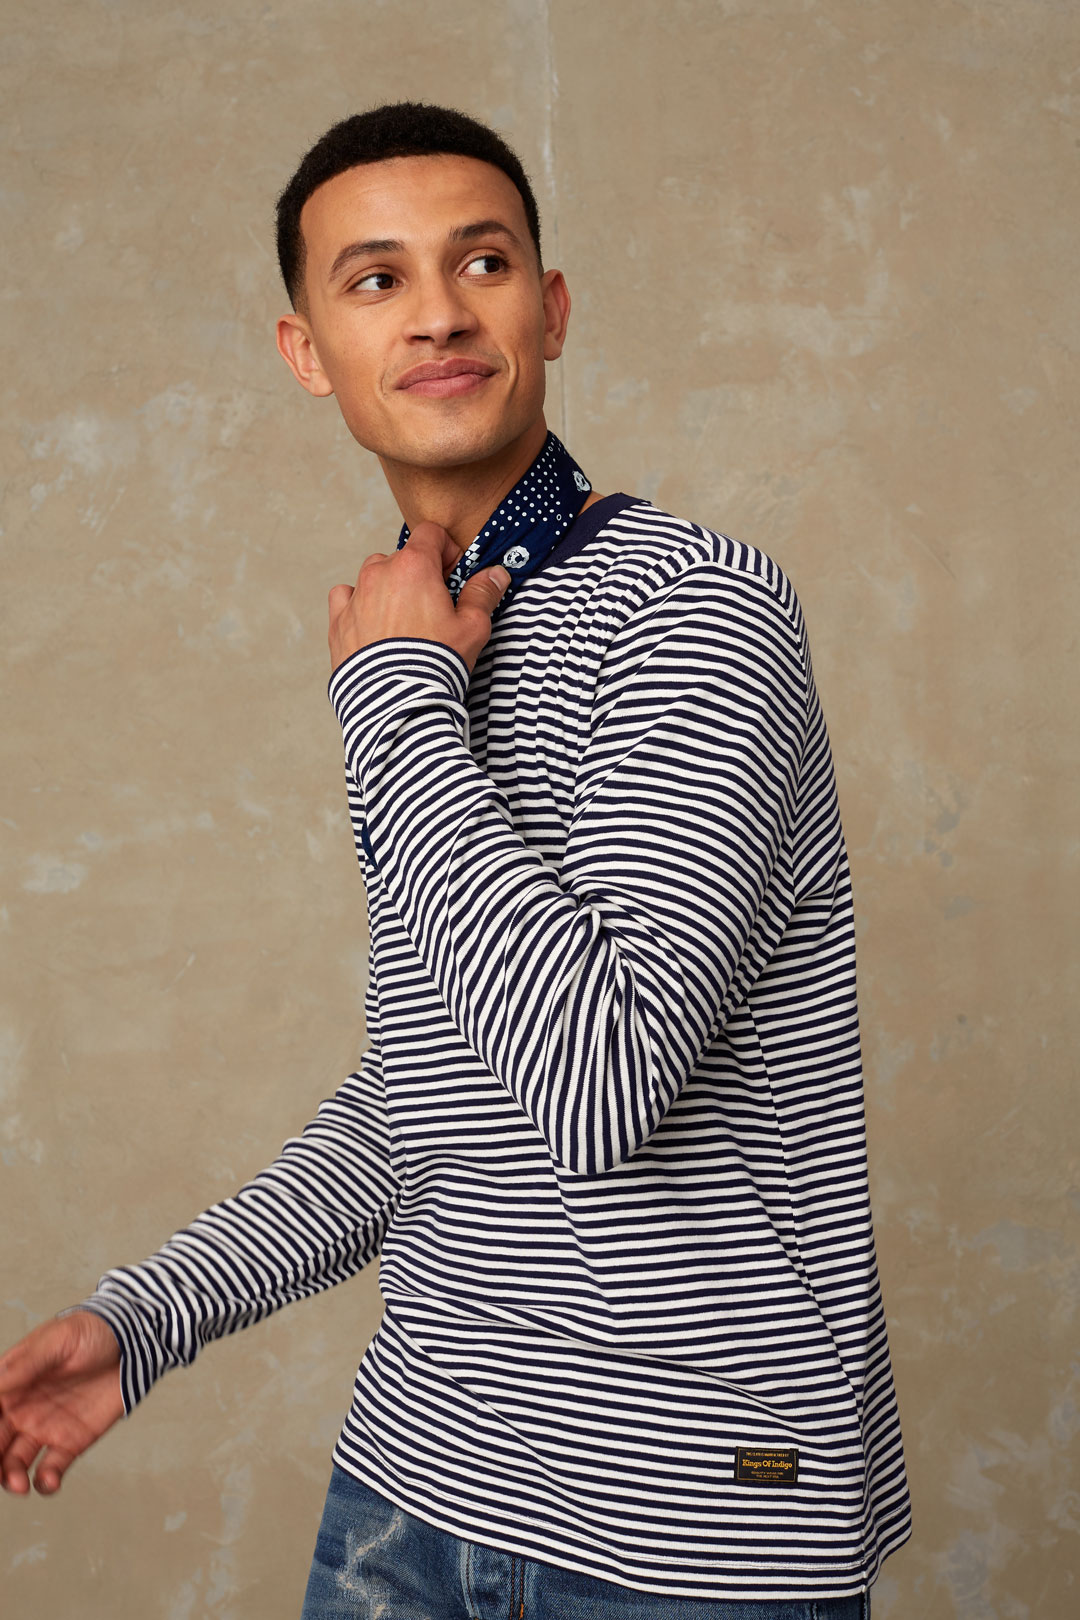 Modell: Nezer Material: 55% återvunnen polyester, 45% återvunnen bomull. Färg: Navy Stripe Varumärke: KINGS OF INDIGO Tillverkningsländer: Spanien, Grekland & Bulgarien.